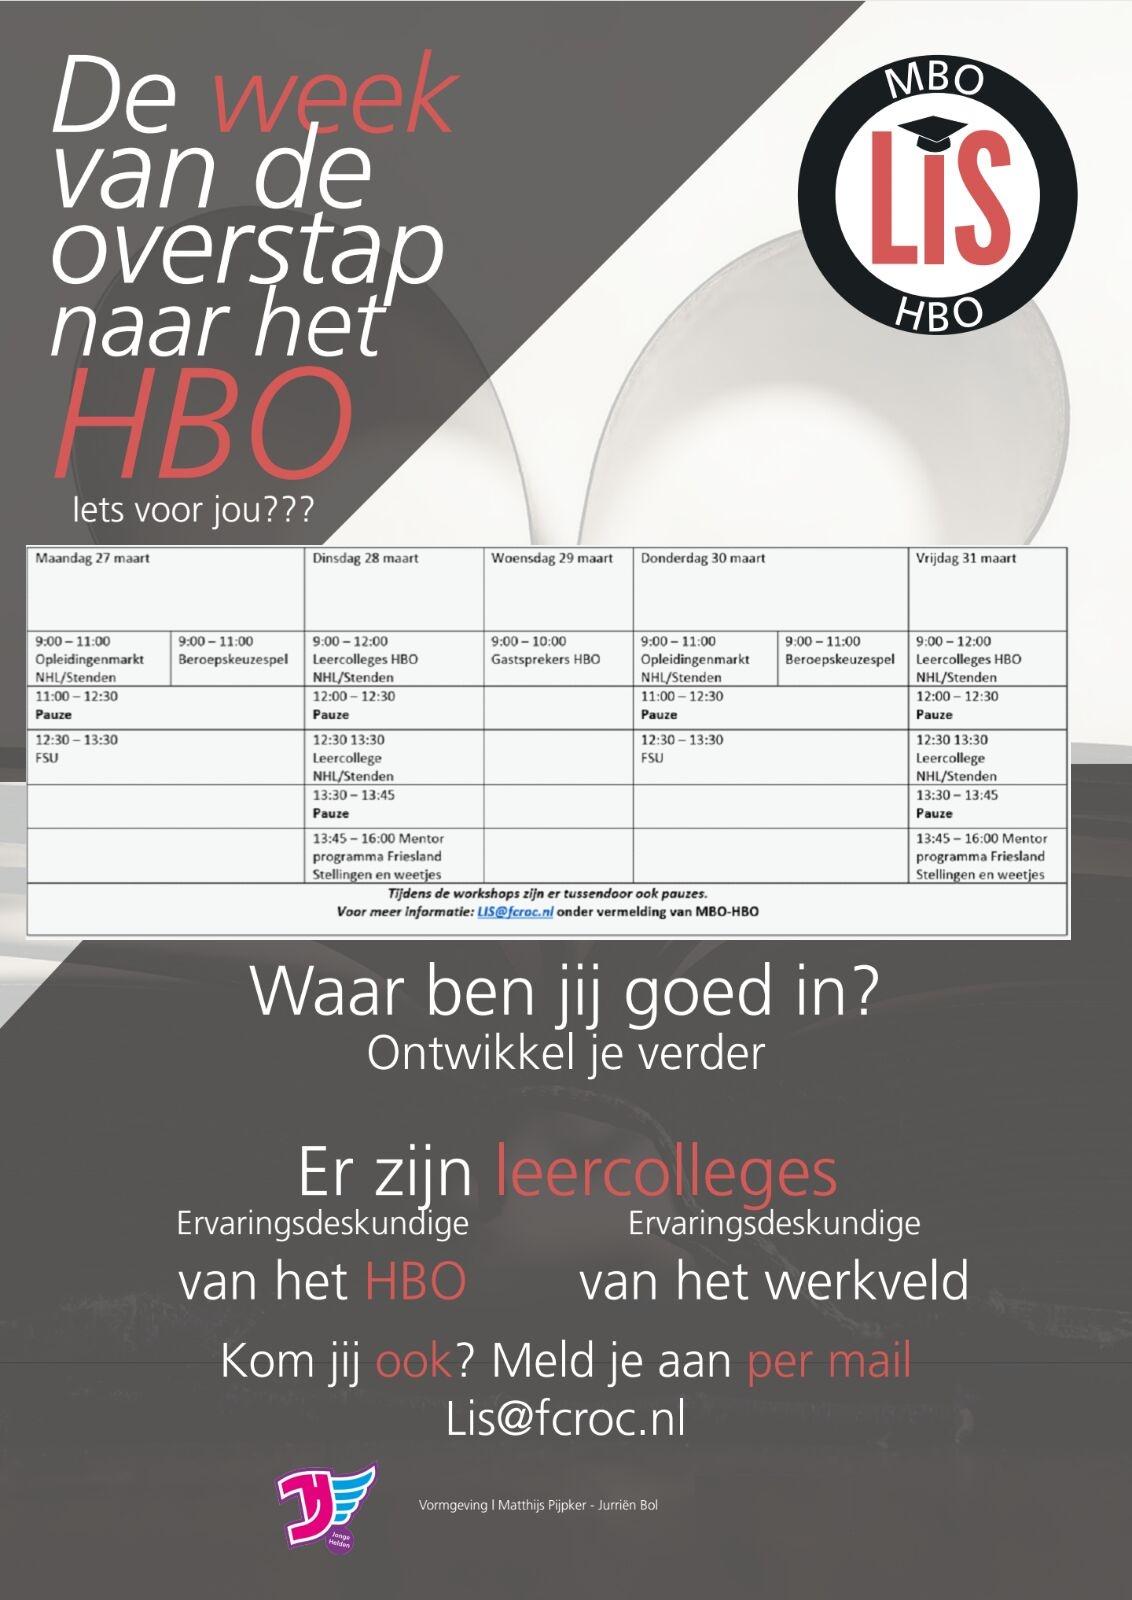 MBO-HBO